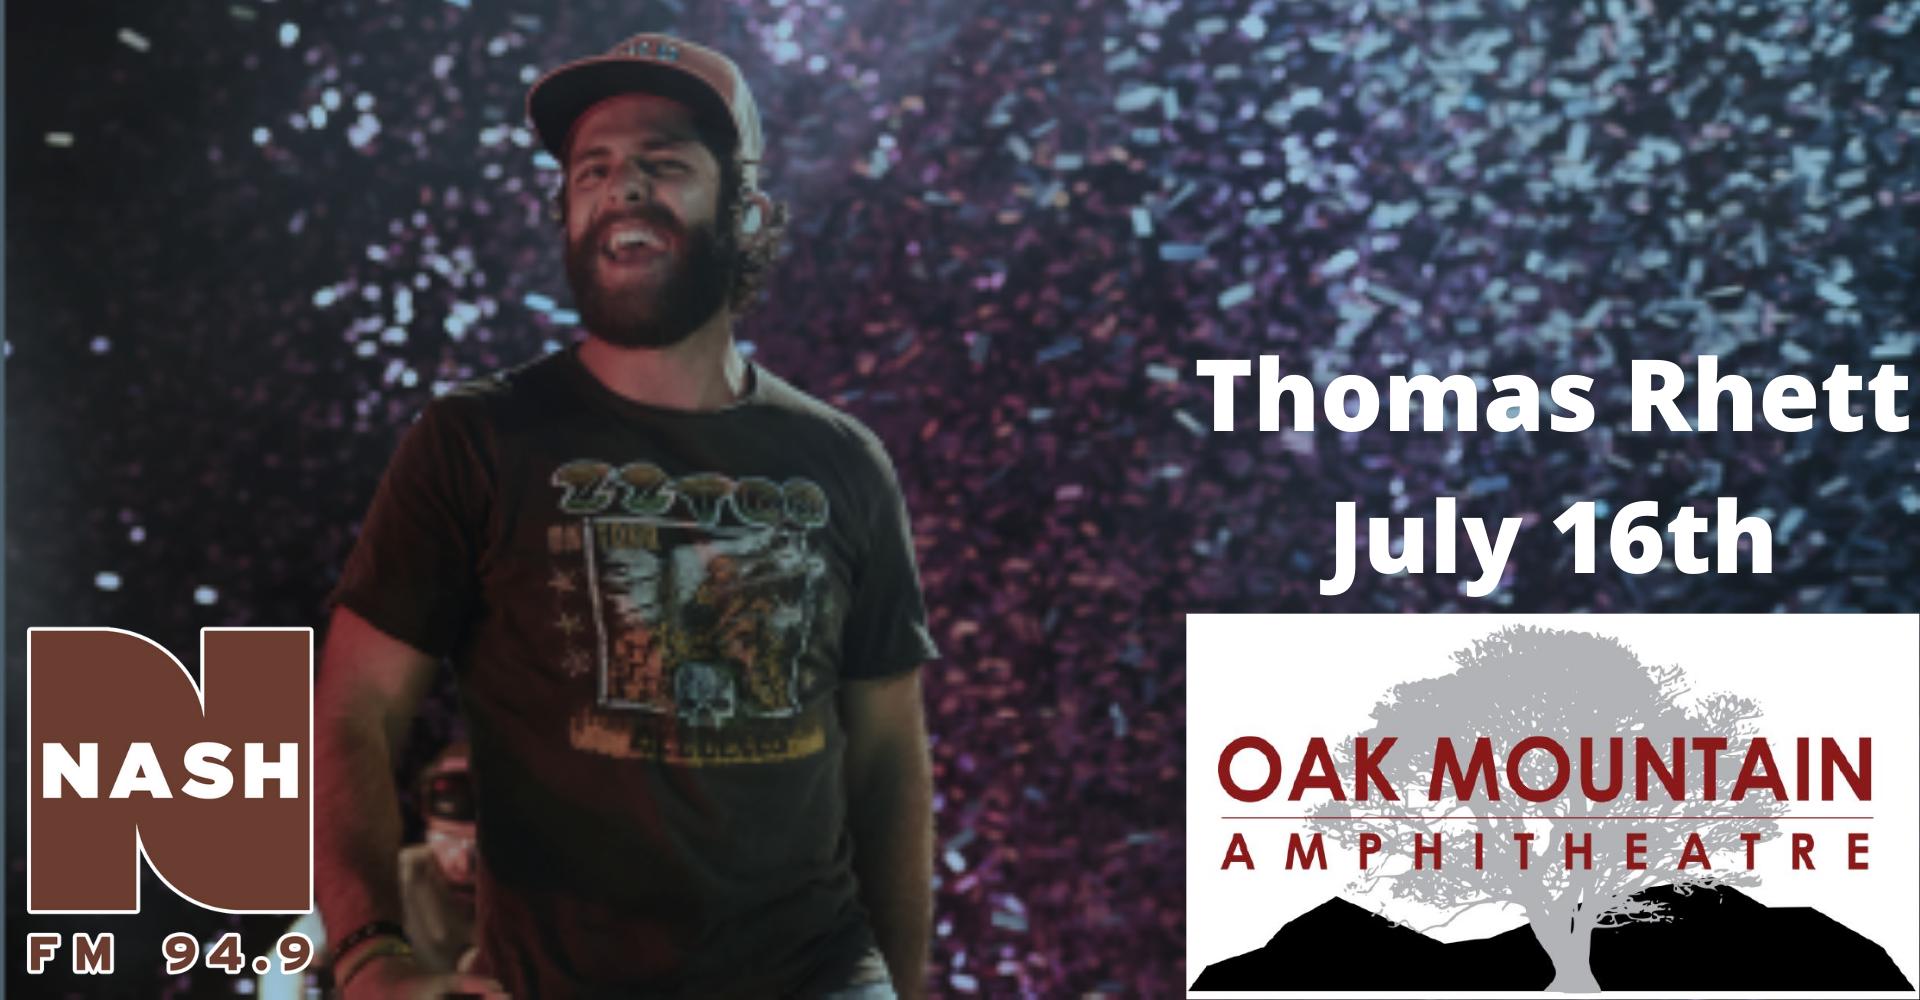 Thomas Rhett at Oak Mountain Amphitheater-July 16th